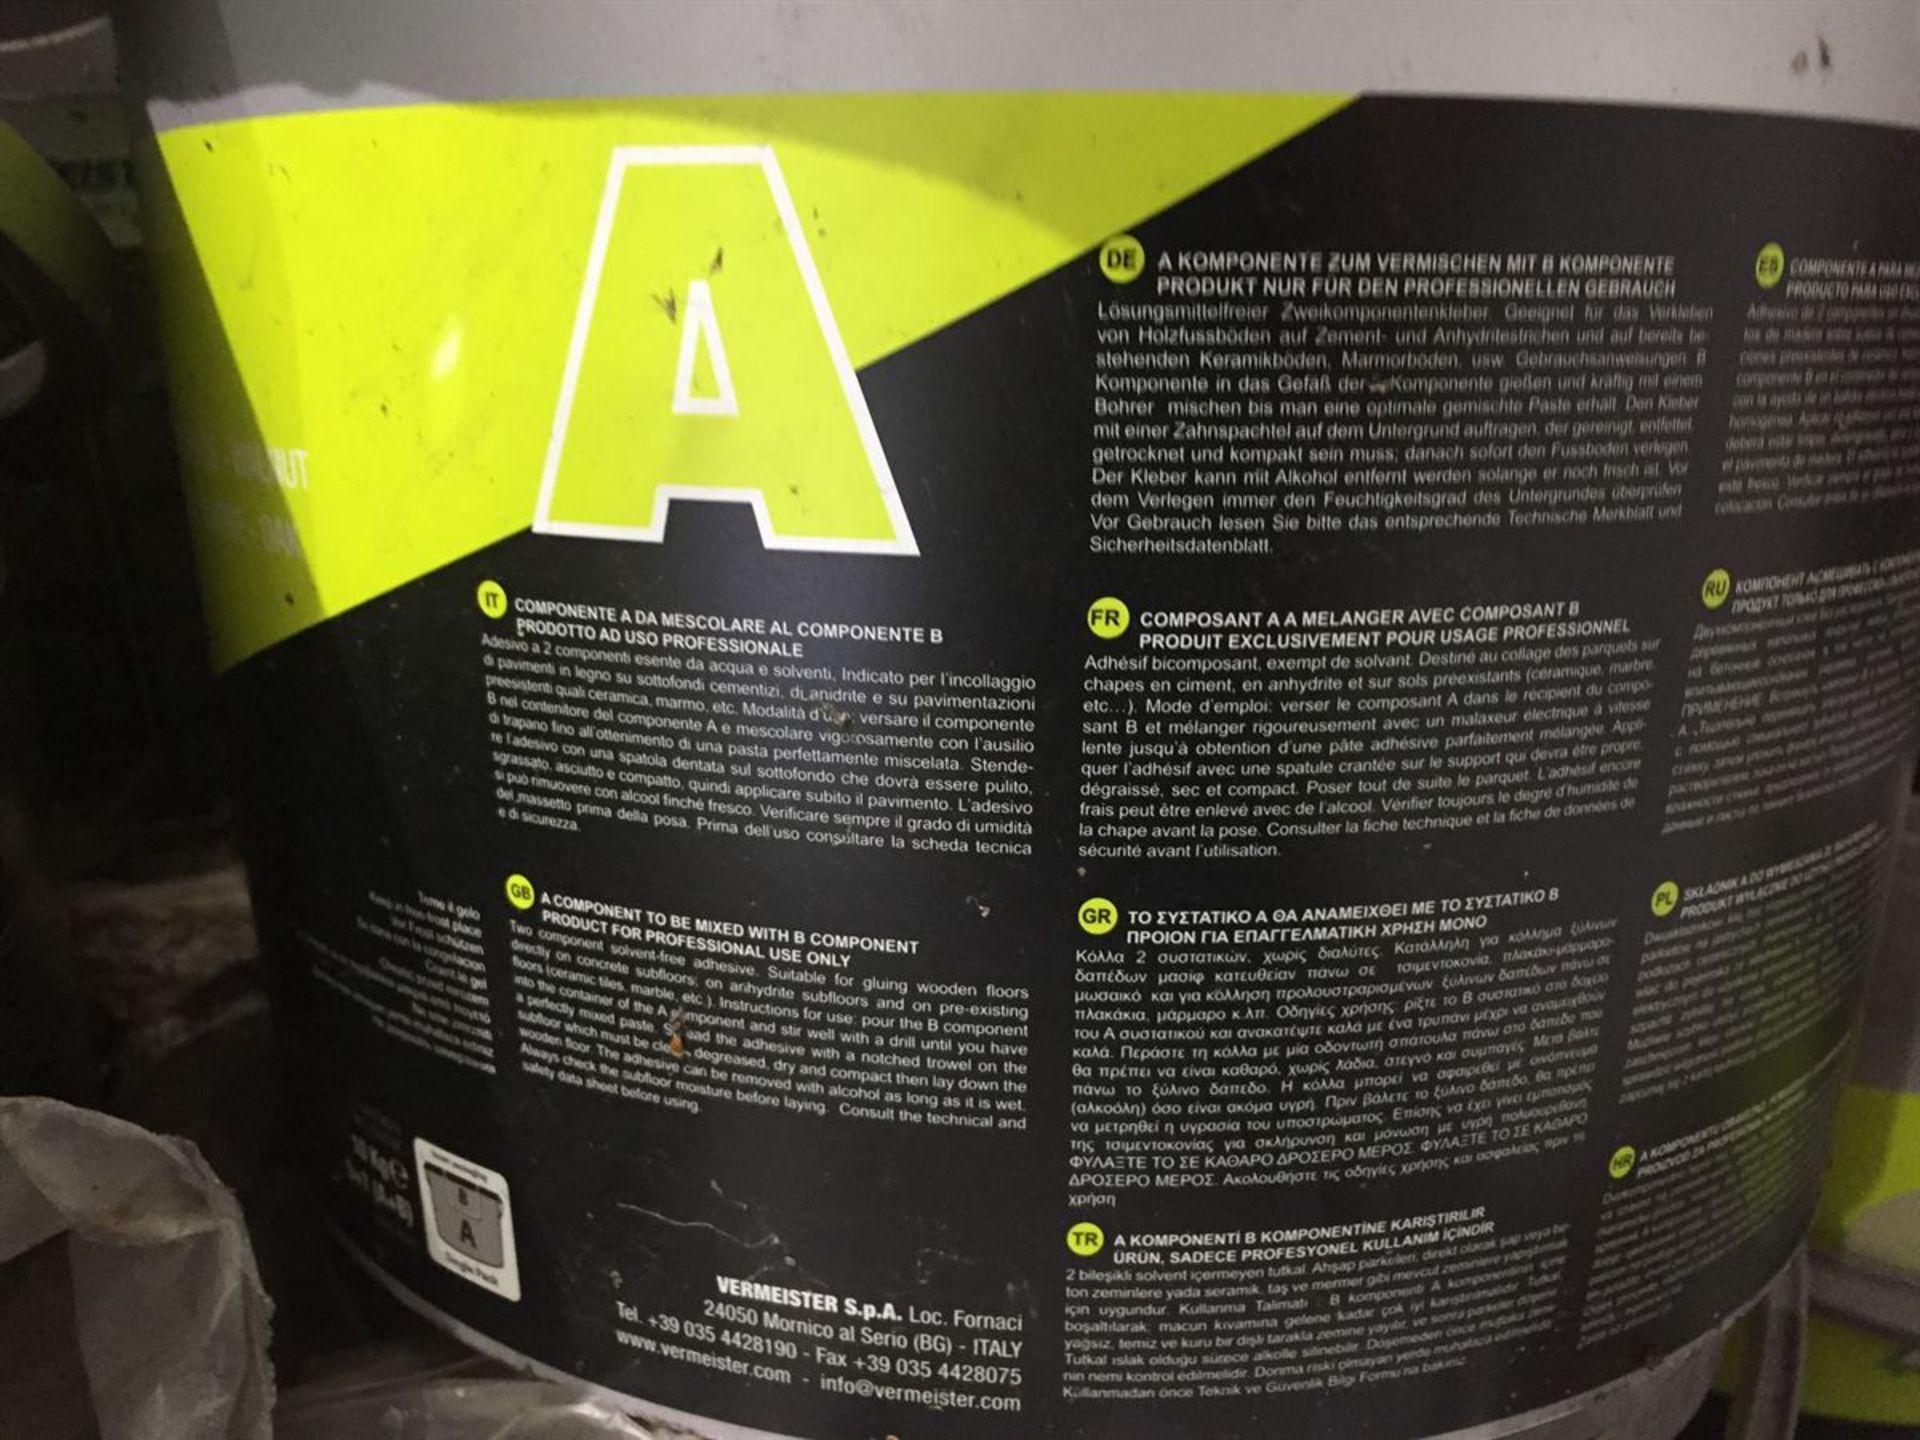 1x 10kg Tub VerMeister 2pak Wood flooring Adhesive - Image 2 of 5